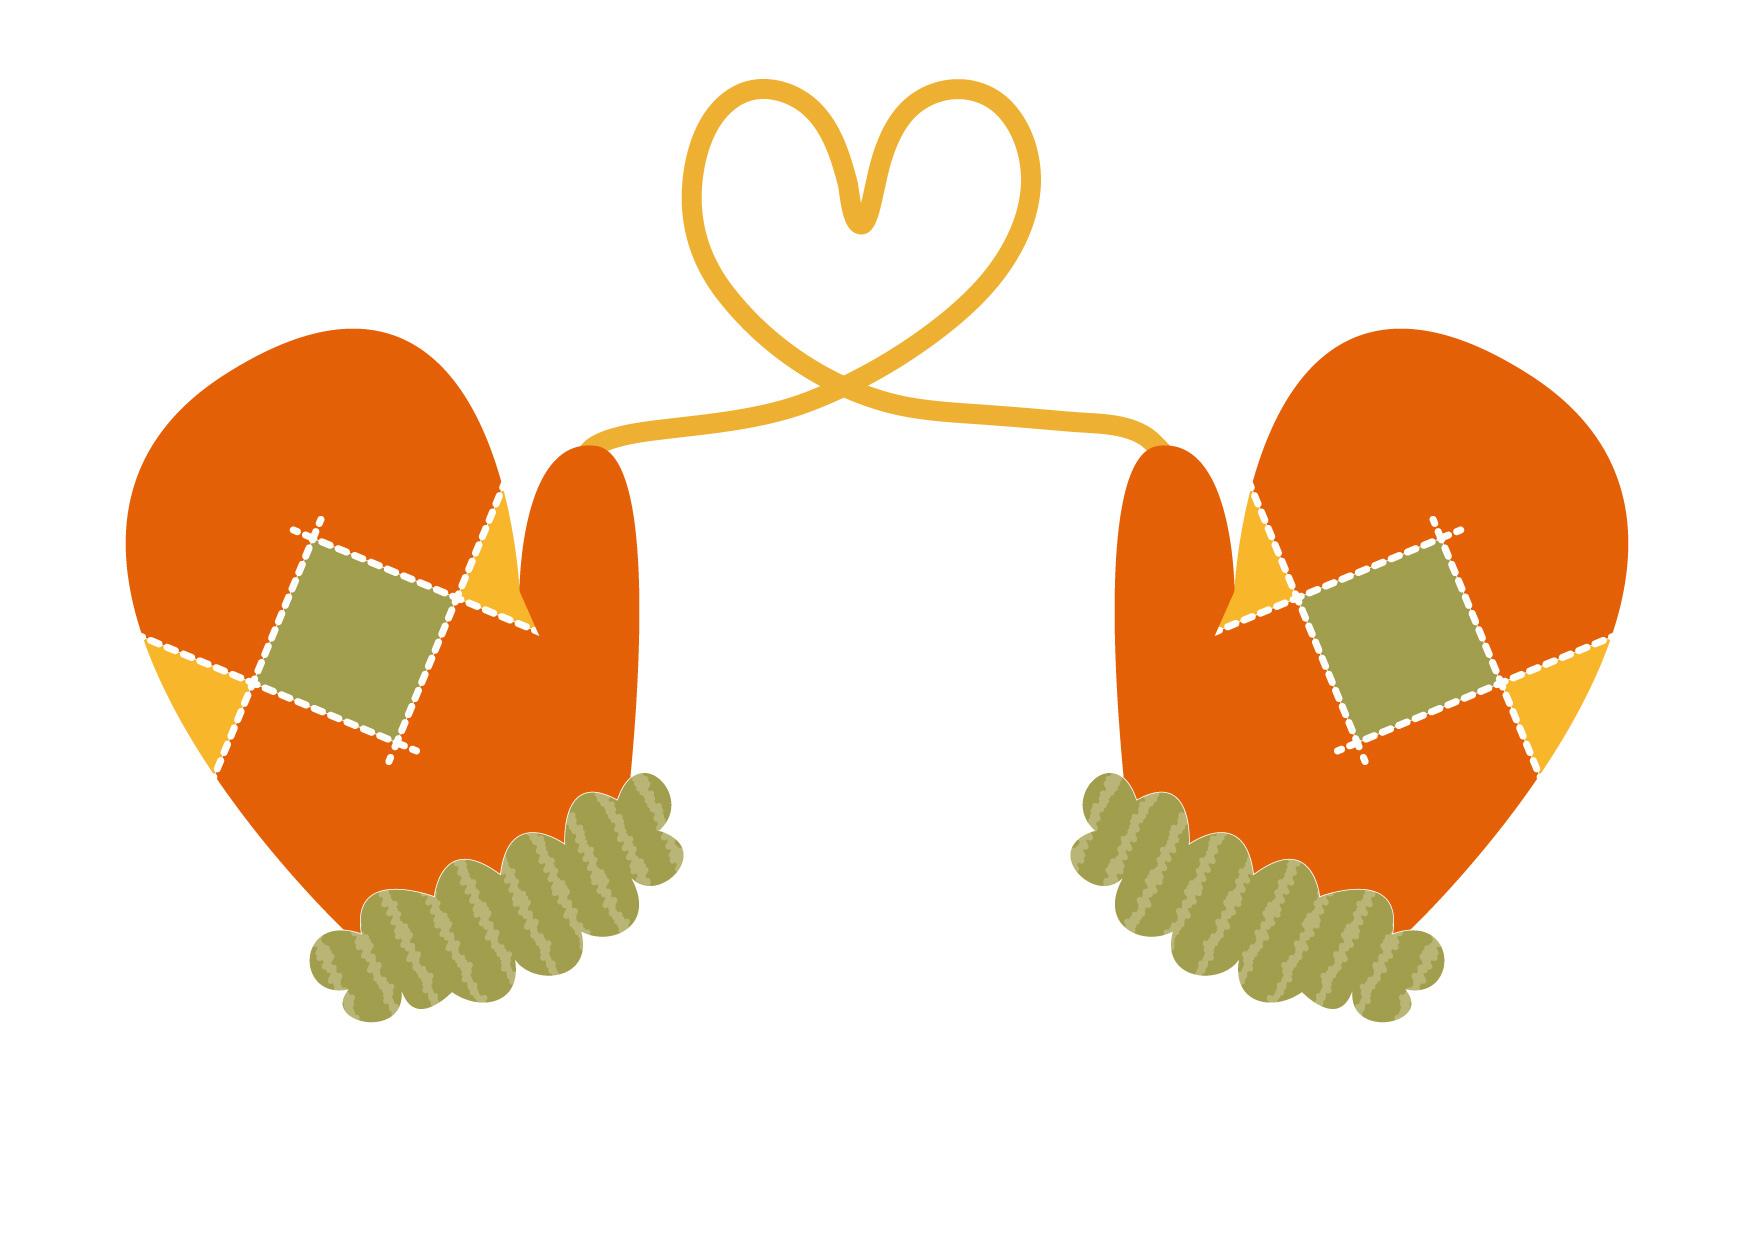 可愛いイラスト無料|手袋 ハート オレンジ色 − free illustration Gloves Heart Orange